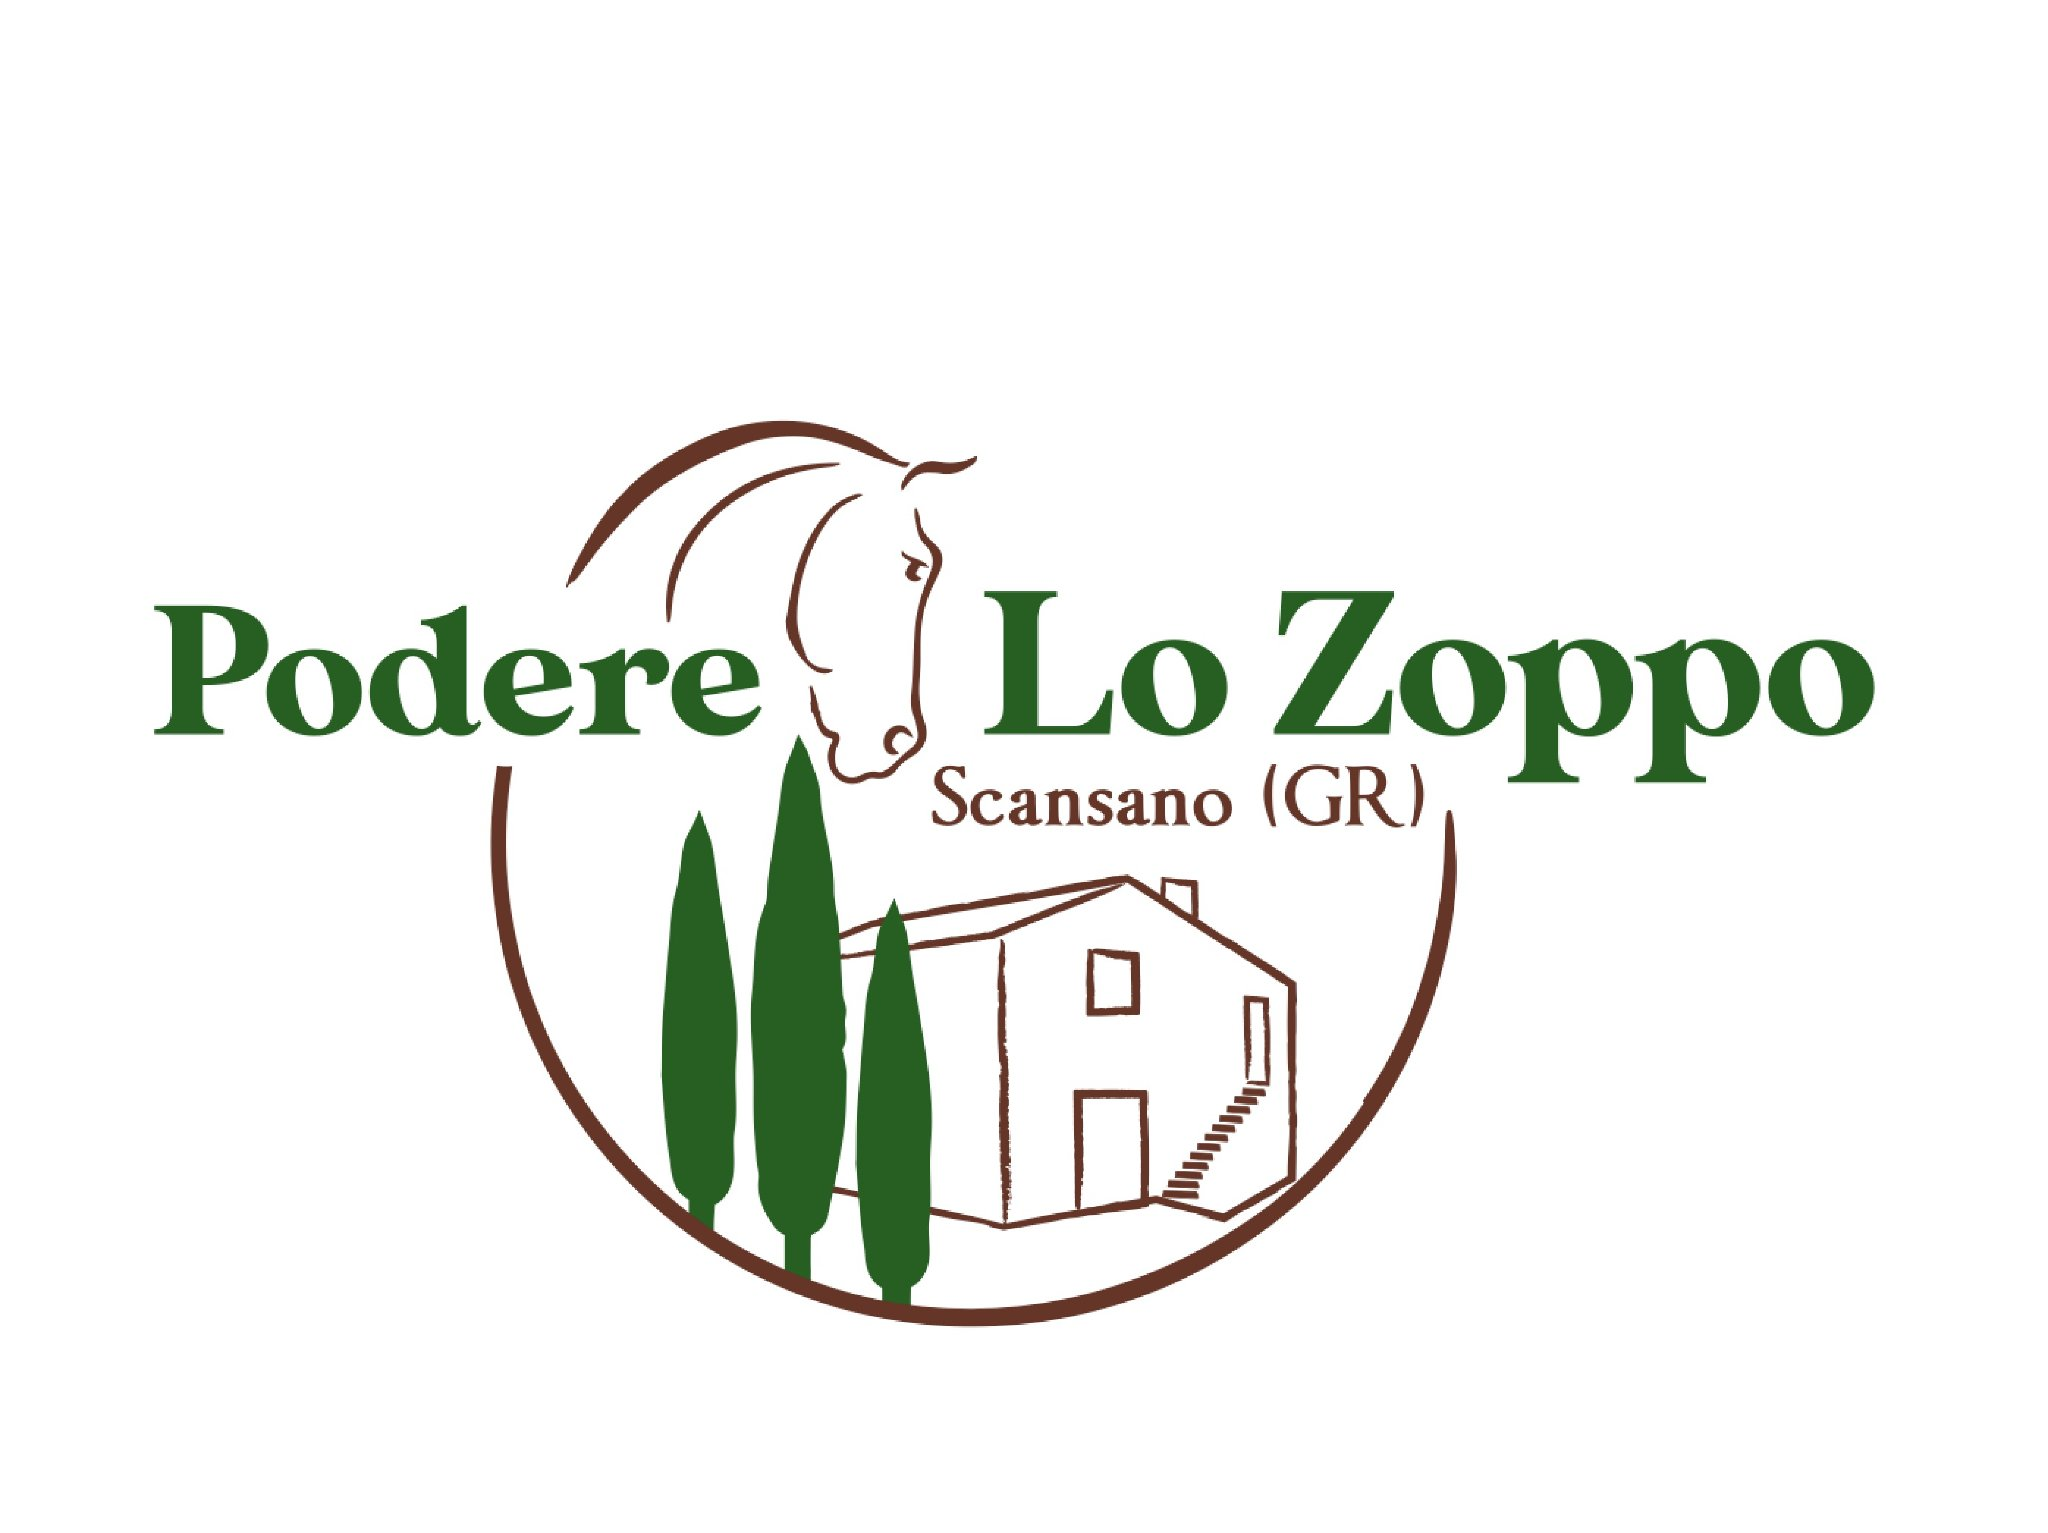 Zusatzbild Nr. 13 von Podere Lo Zoppo